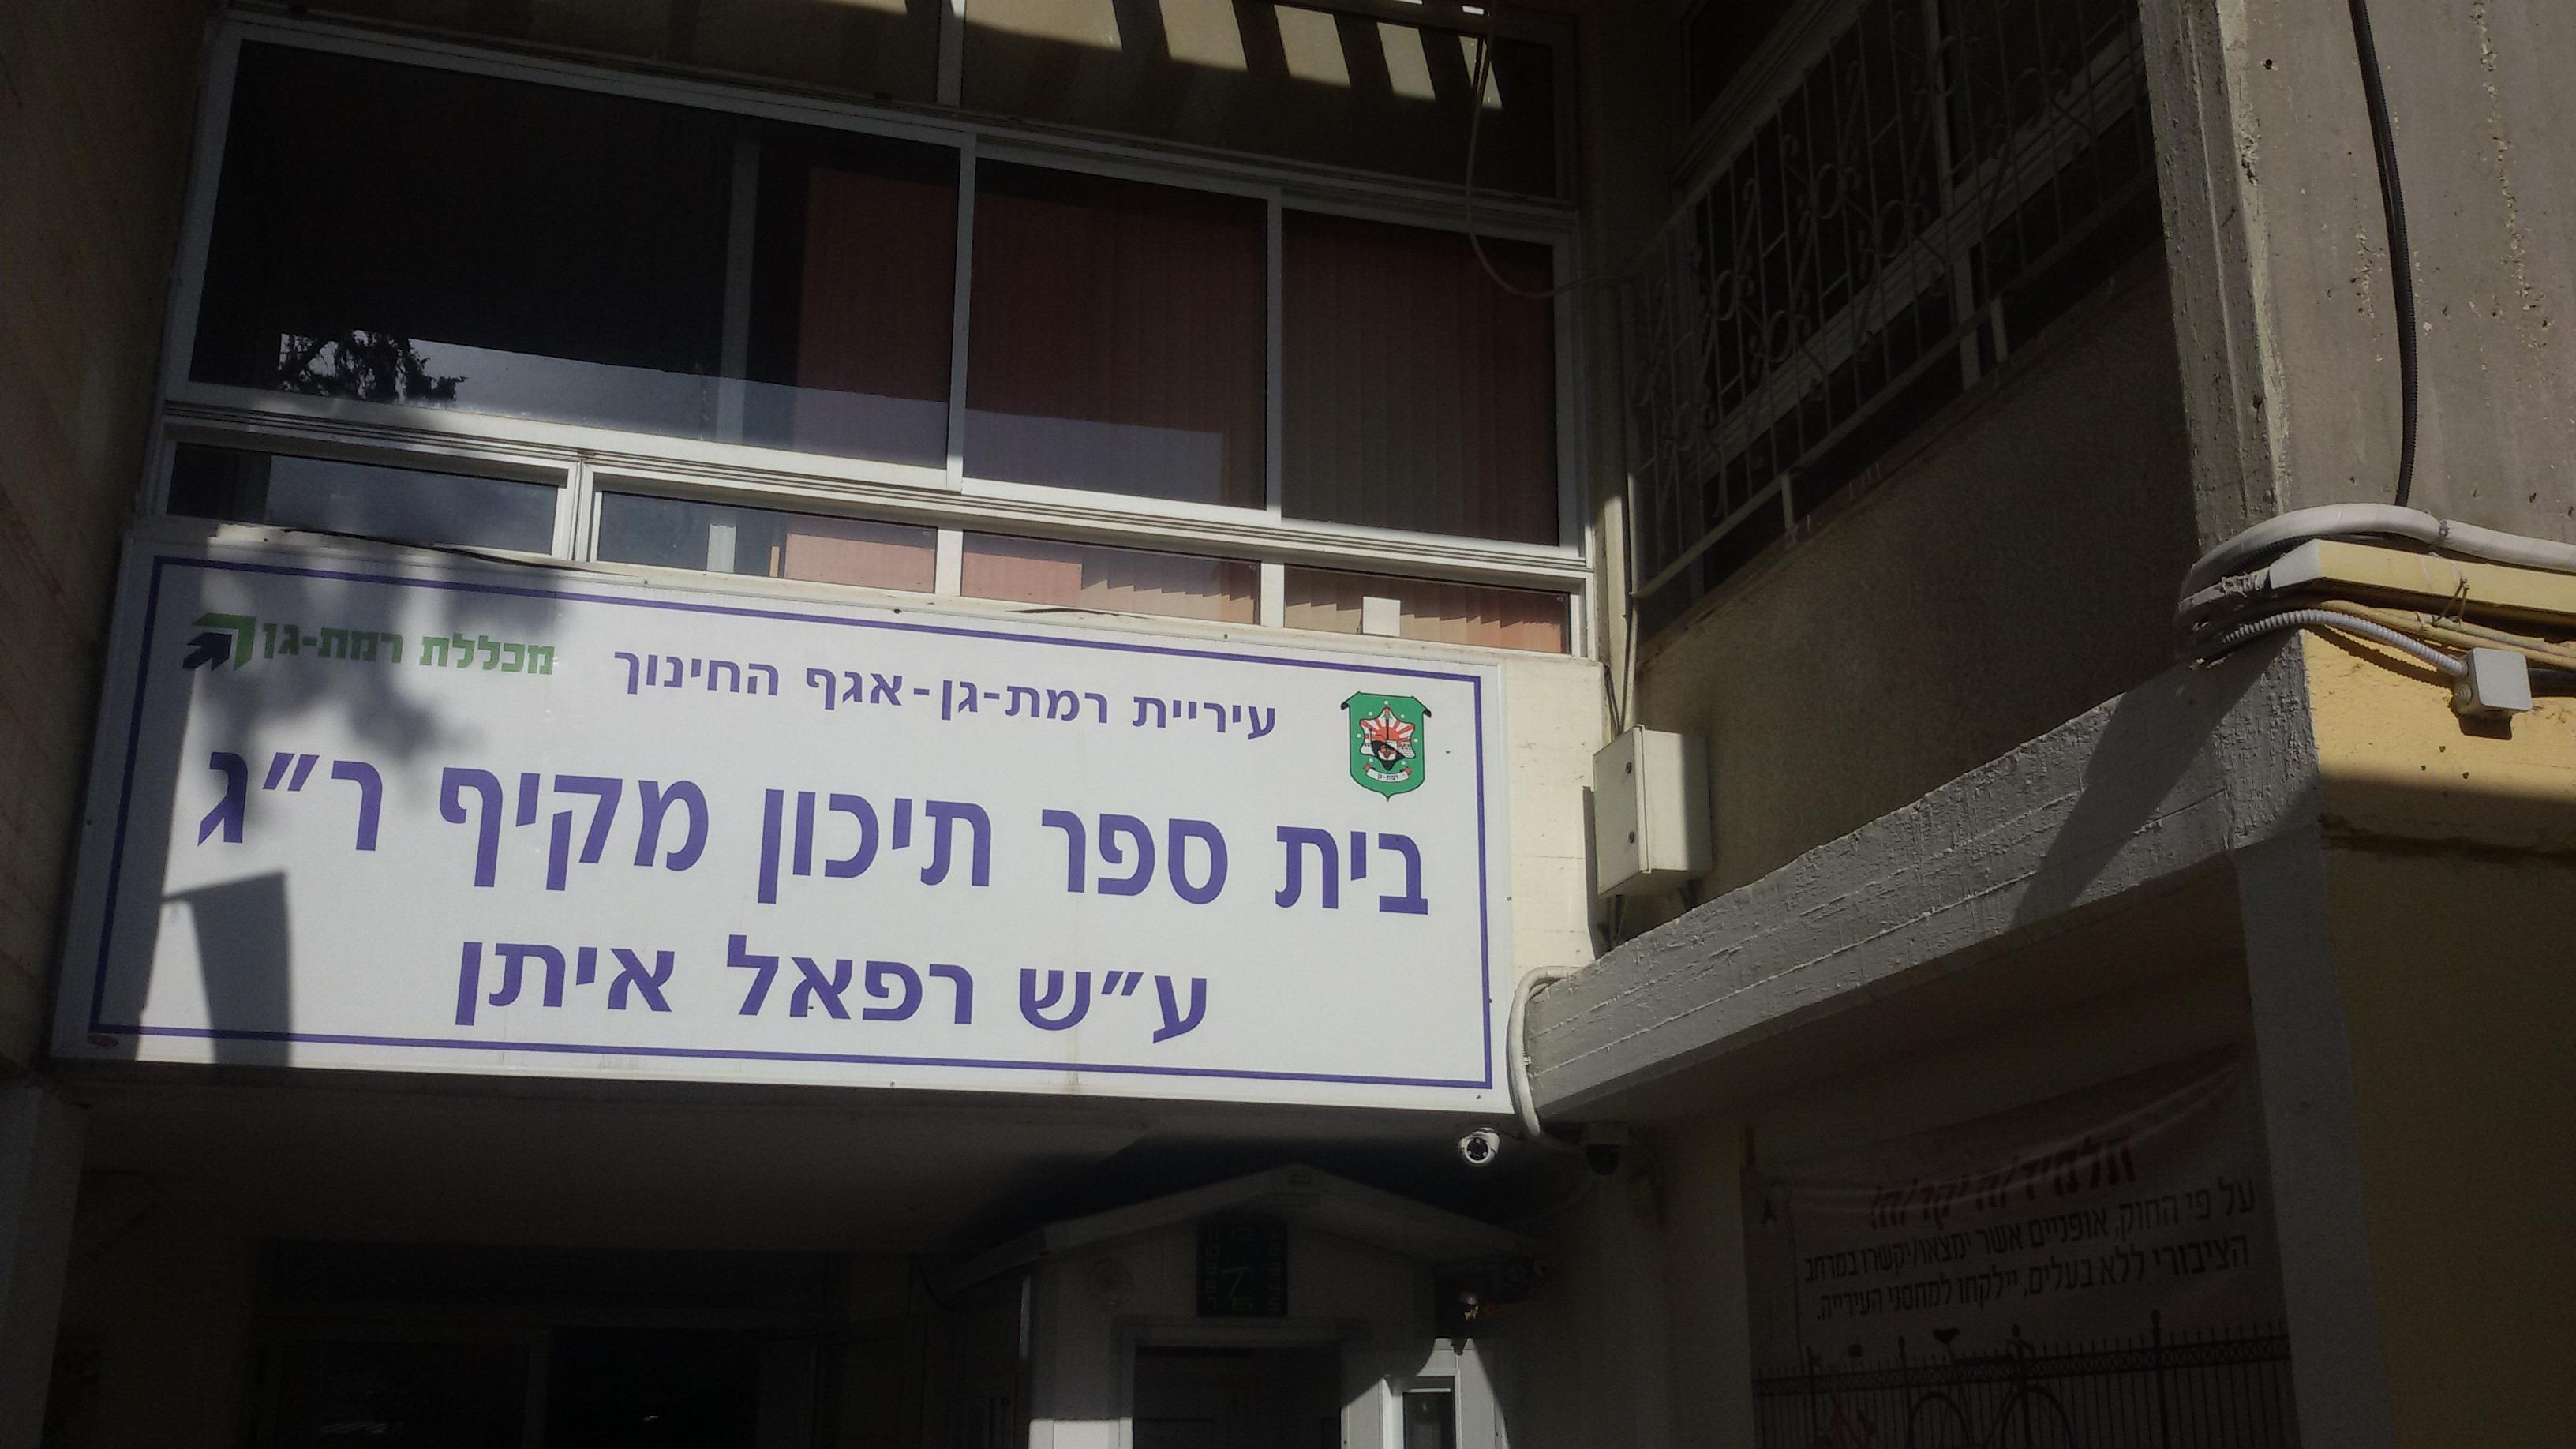 מאוד קובץ:מקיף רמת גן (3).jpg – ויקיפדיה WK-44